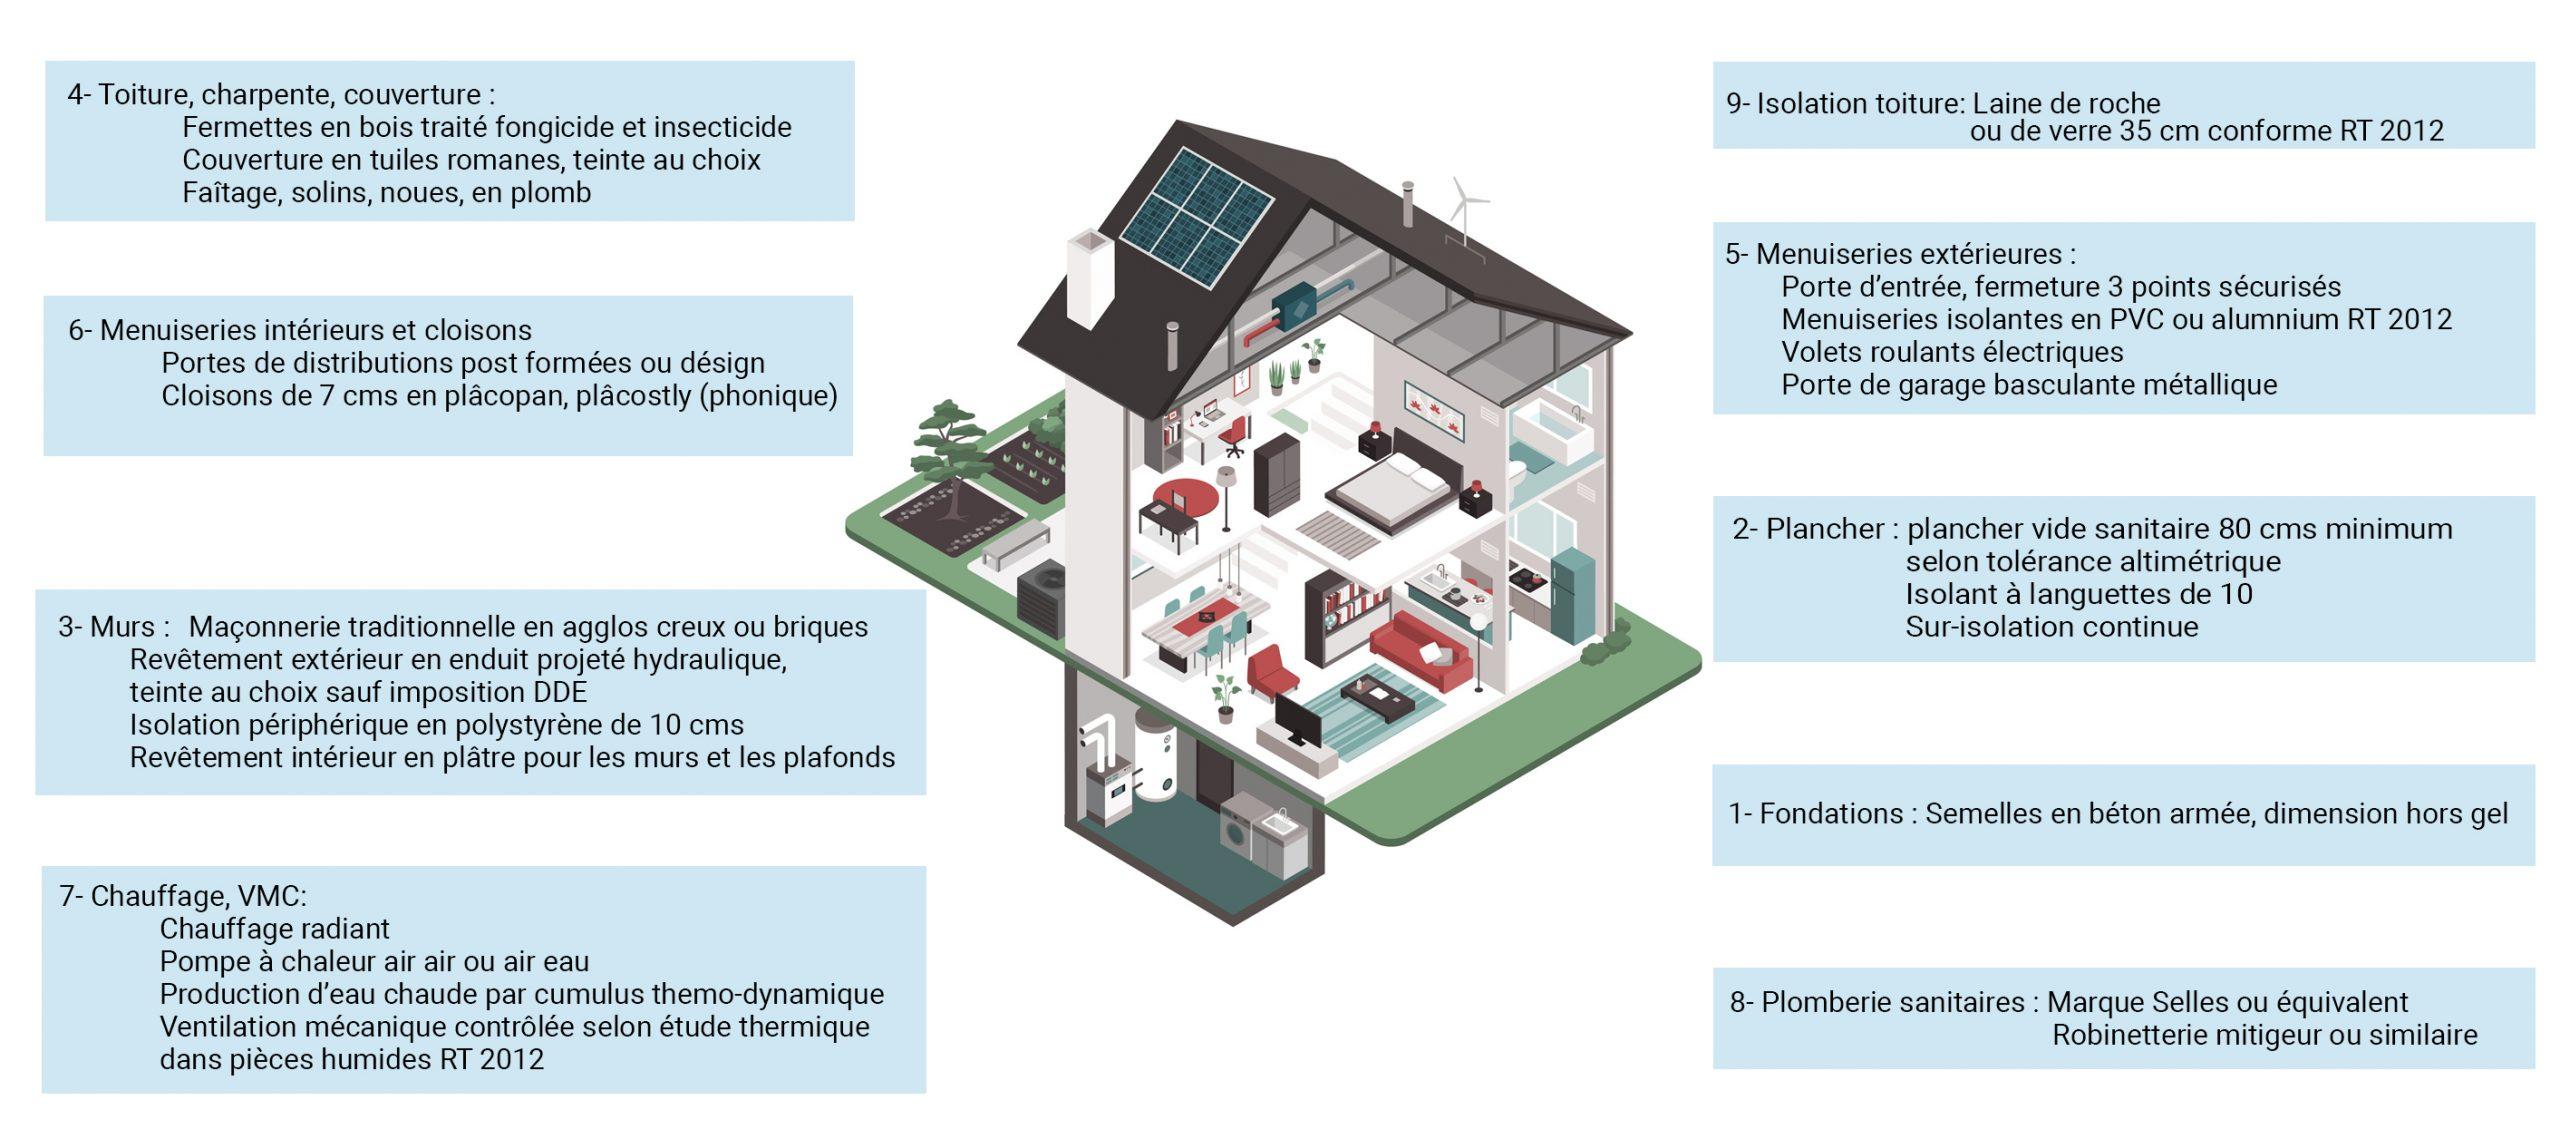 schema_maison_coupée_confortable_createur_maison_ecologique